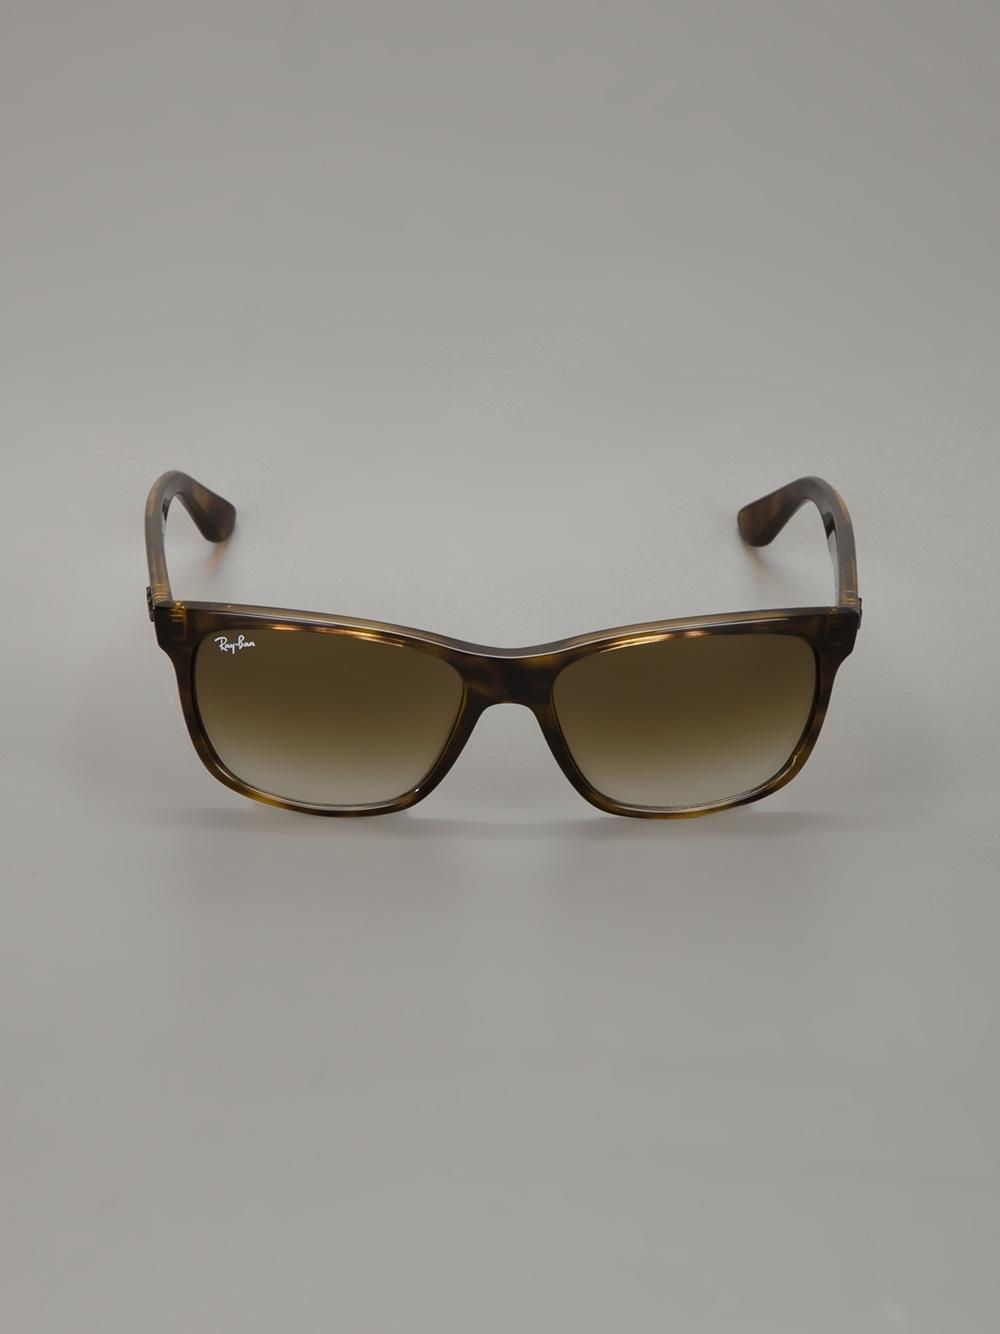 ff69e792977 Gallery. Previously sold at  Farfetch · Men s Green Sunglasses ...